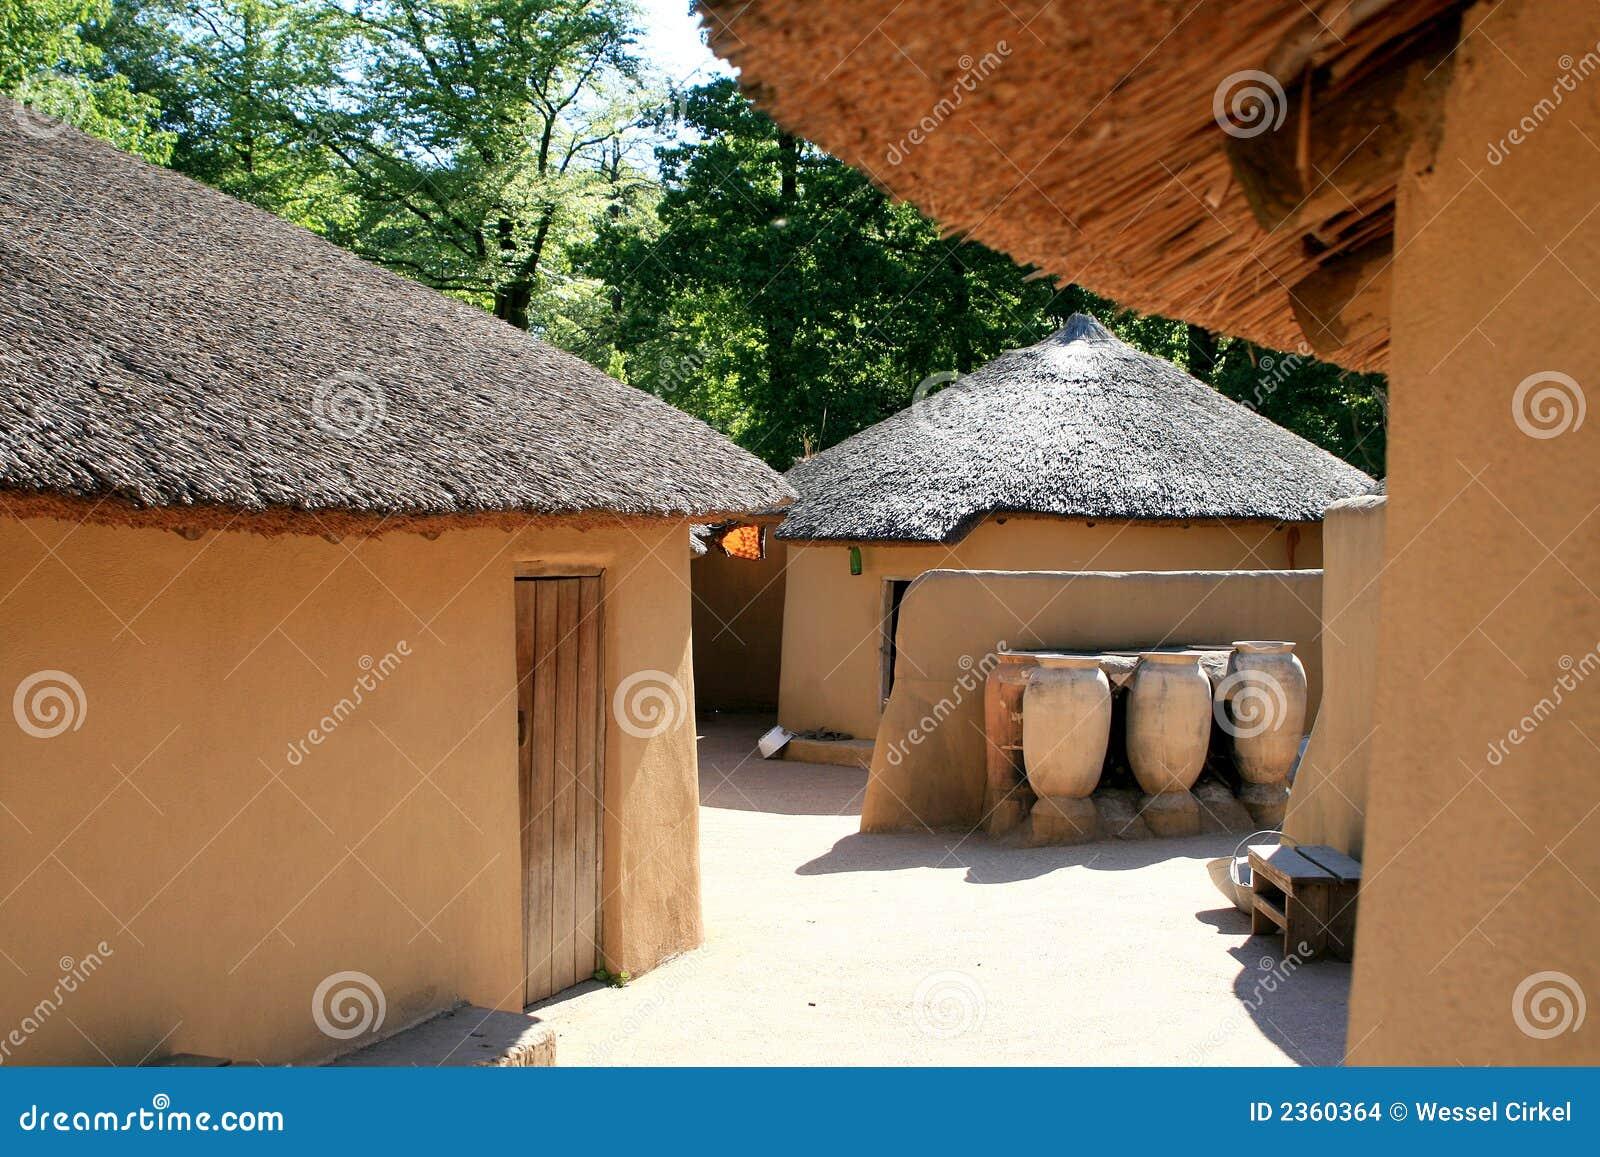 Kusasi Houses Of Ghana Stock Images Image 2360364